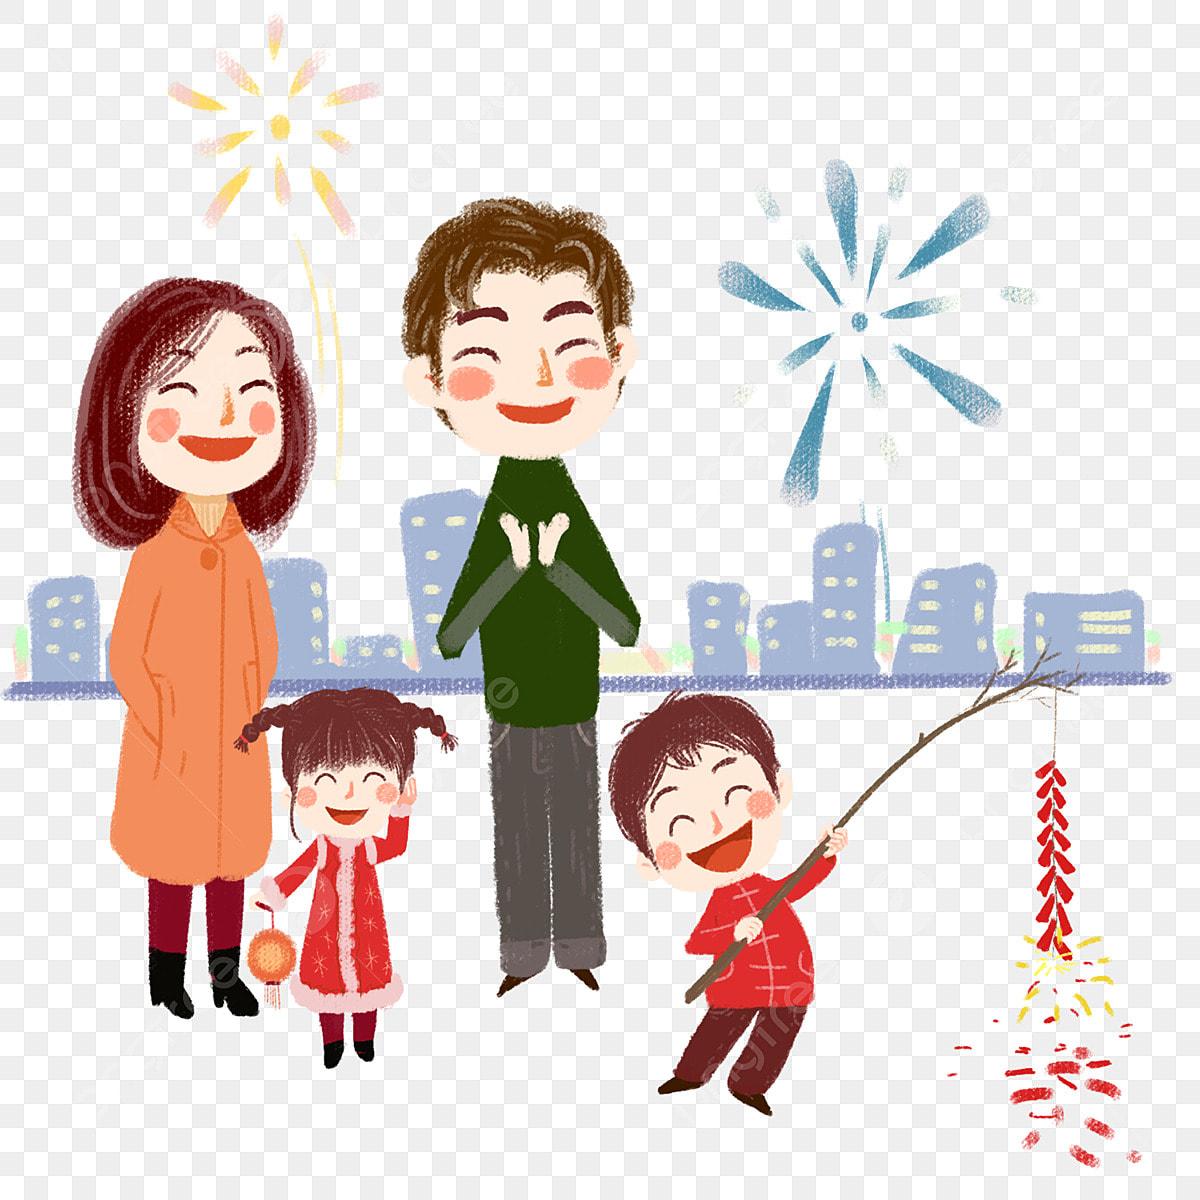 Familia Feliz Familia Pintado A Mano De La Familia Feliz Imagen Png